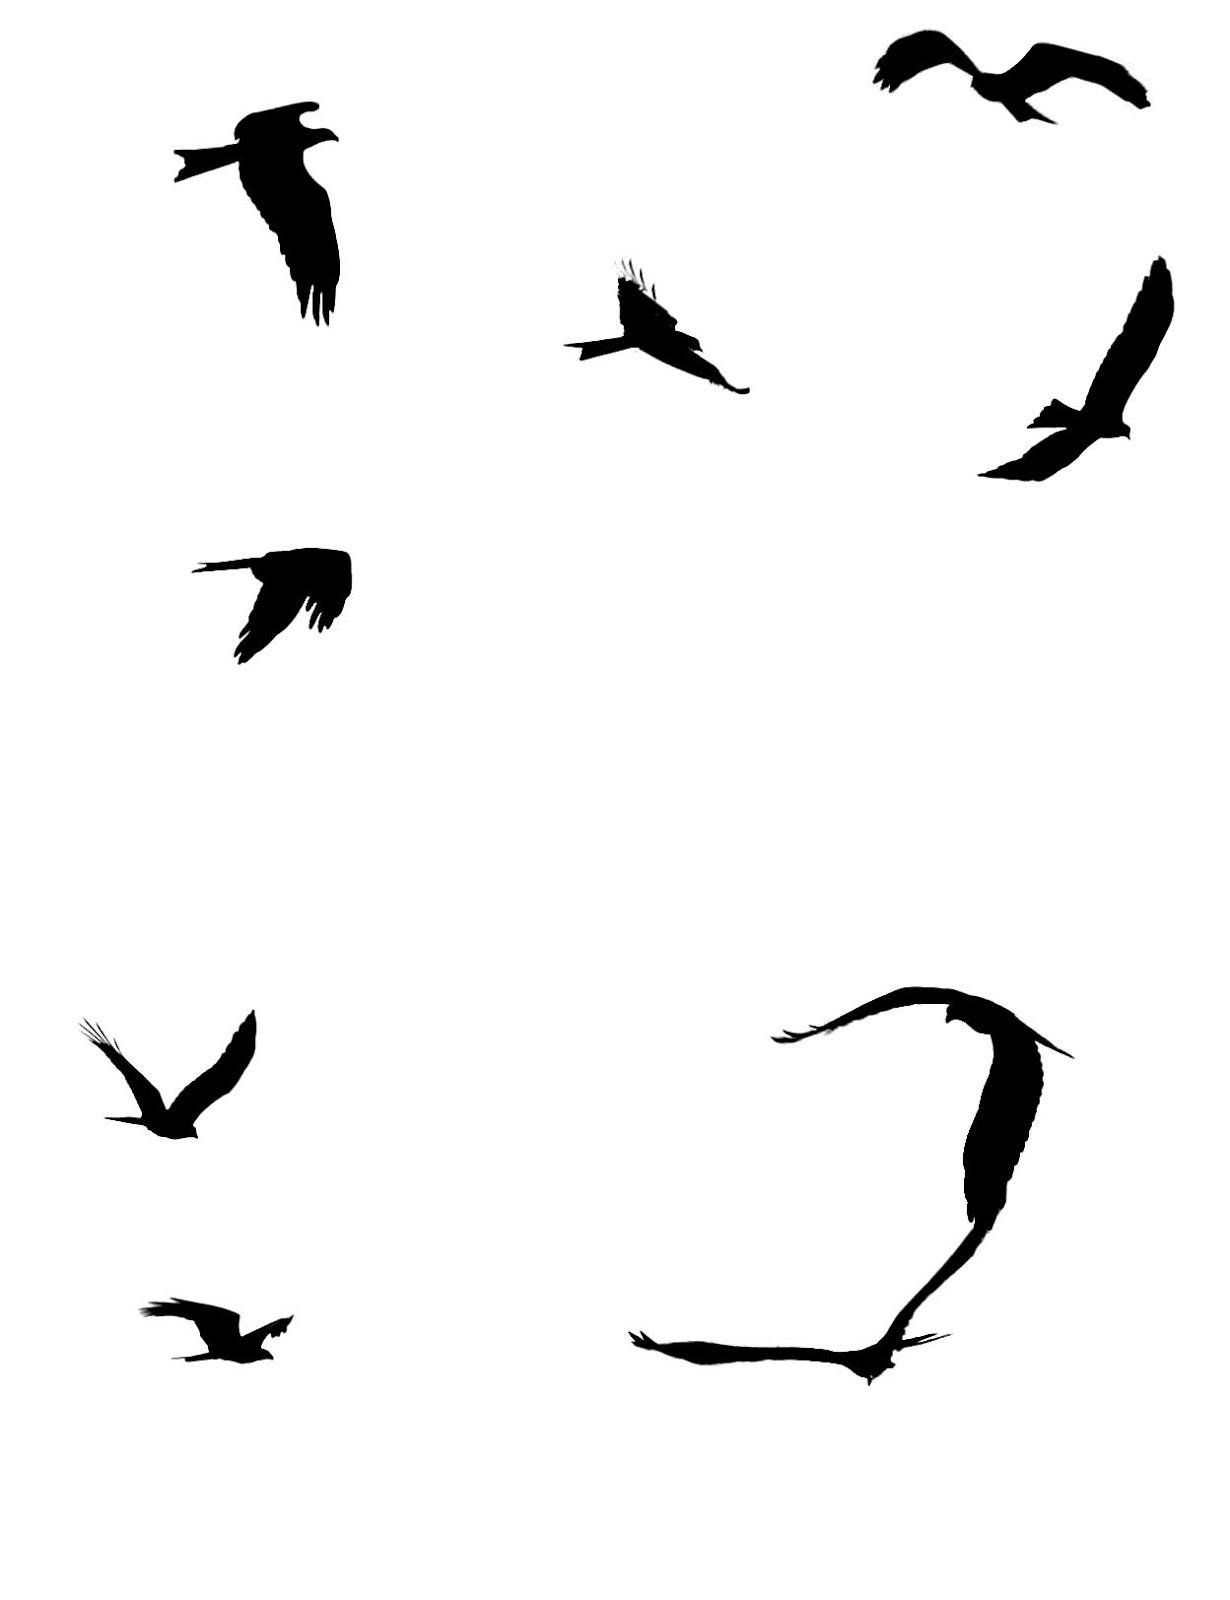 Flock of birds in flight silhouette